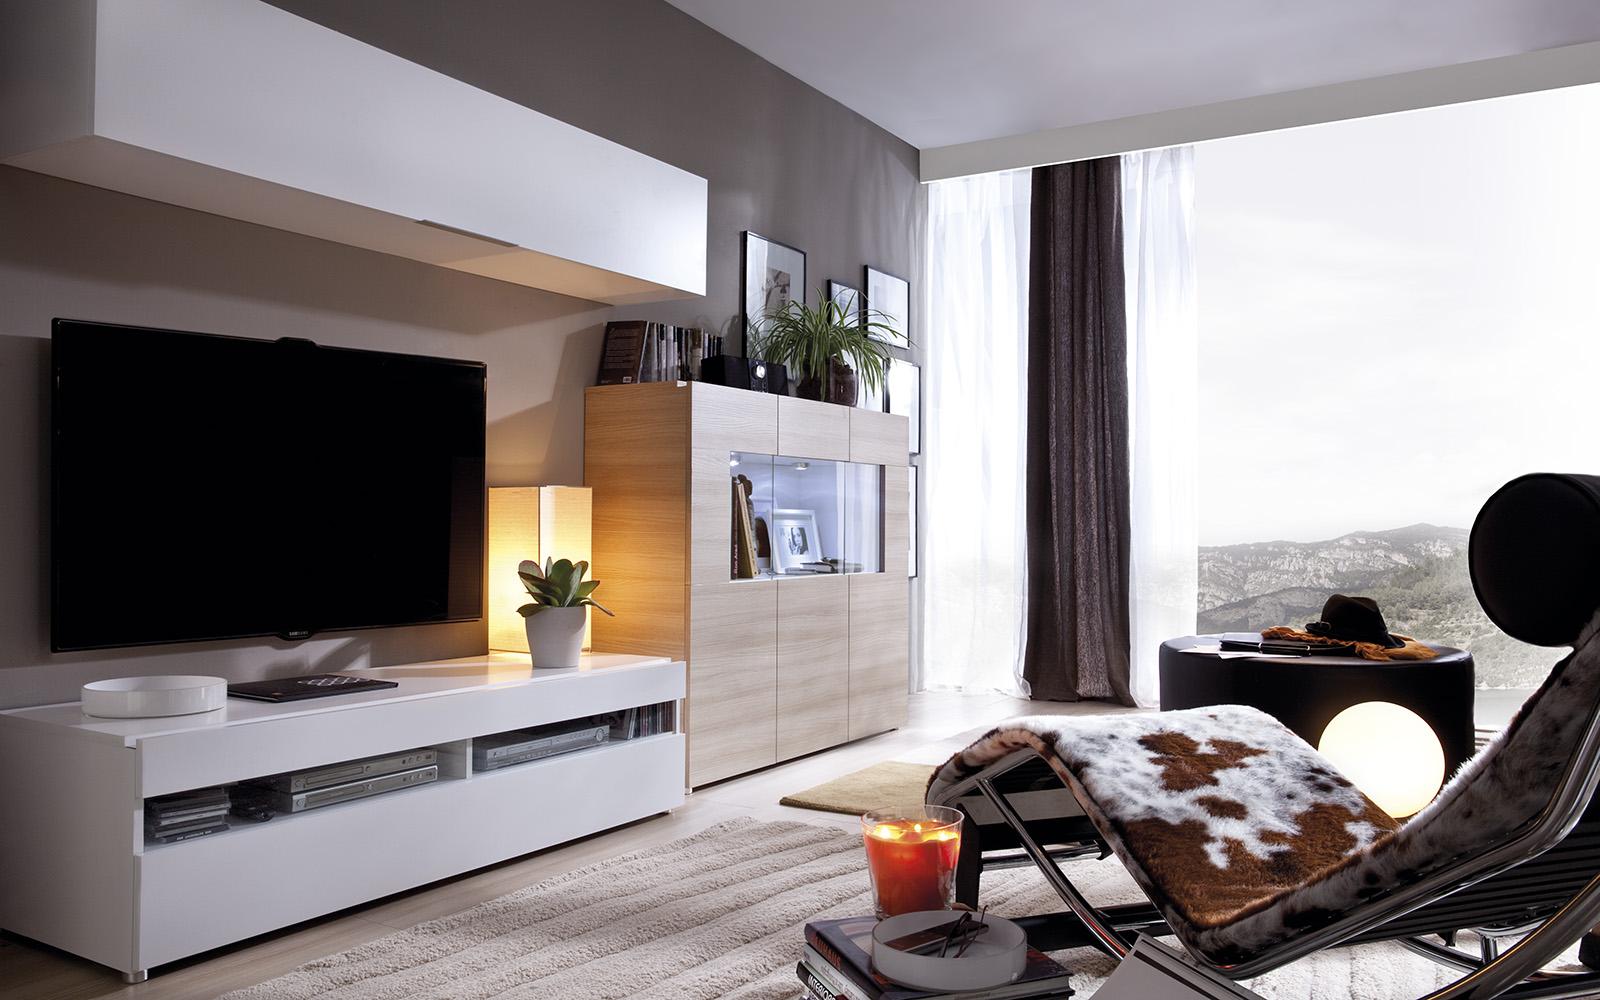 Rimobel un mueble actual al alcance de todos archidec tu sitio de decoraci n e interiorismo - Tiempos modernos muebles ...